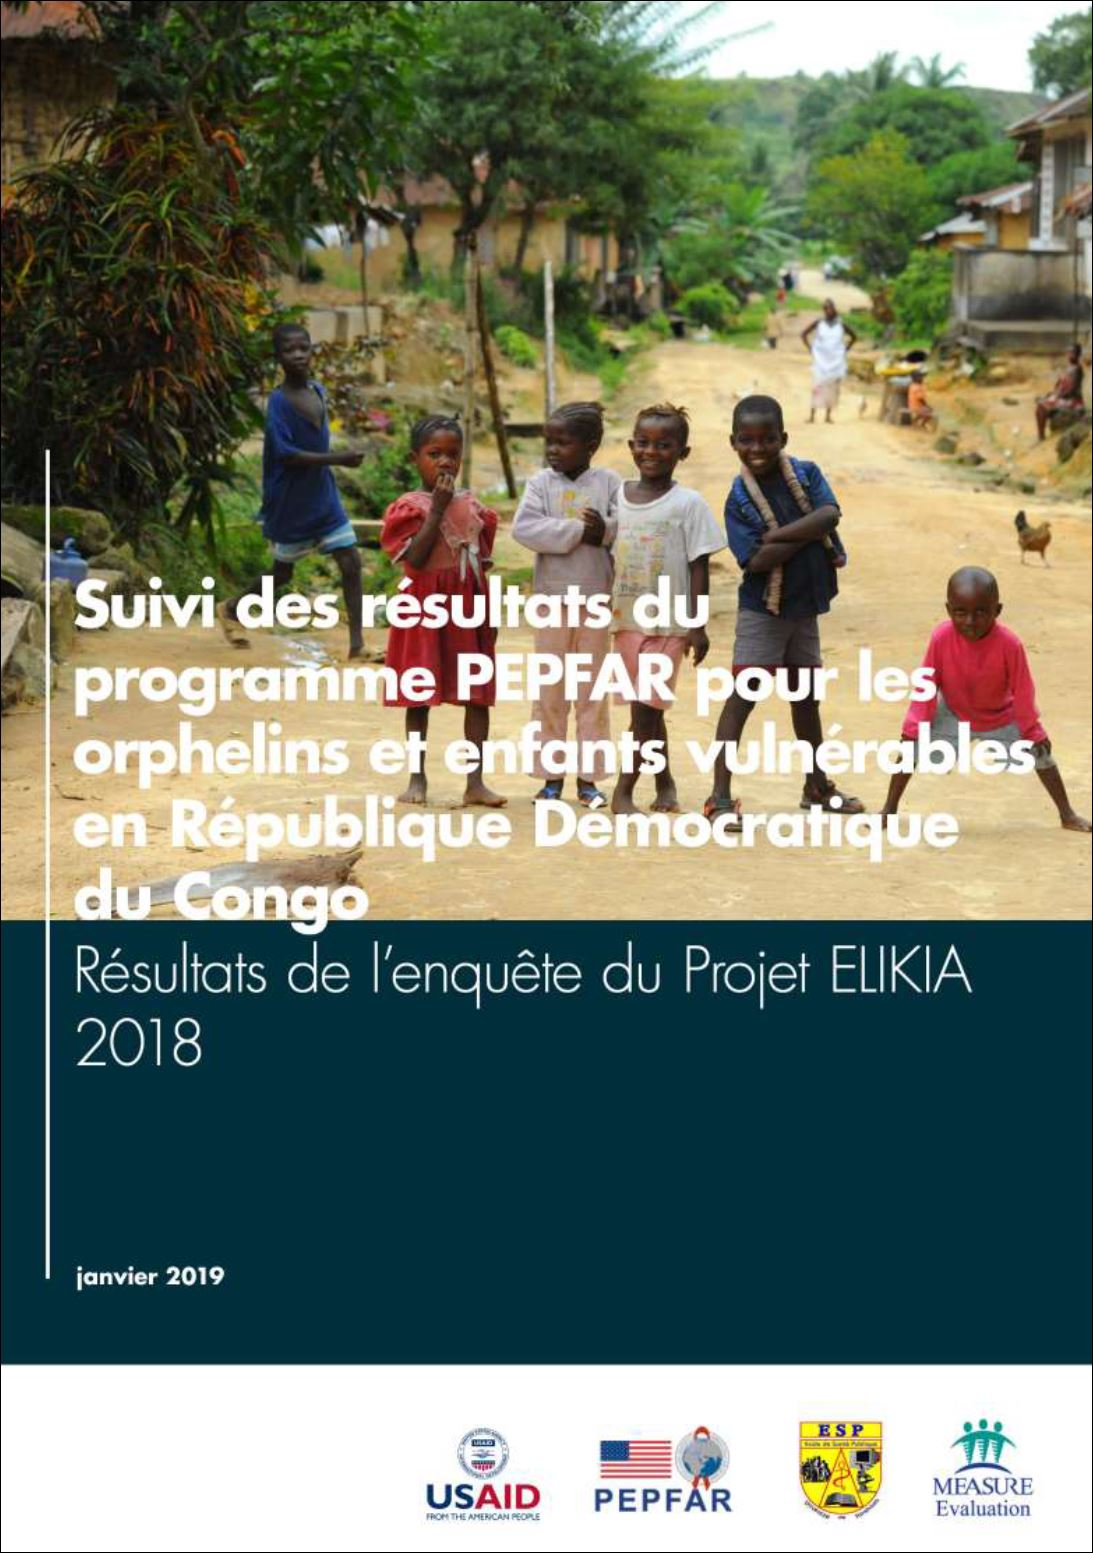 Suivi des rsultats du programme PEPFAR pour les orphelins et enfants vulnrables en Rpublique Dmocratique du Congo: Rsultats de lenqute du Projet ELIKA 2018